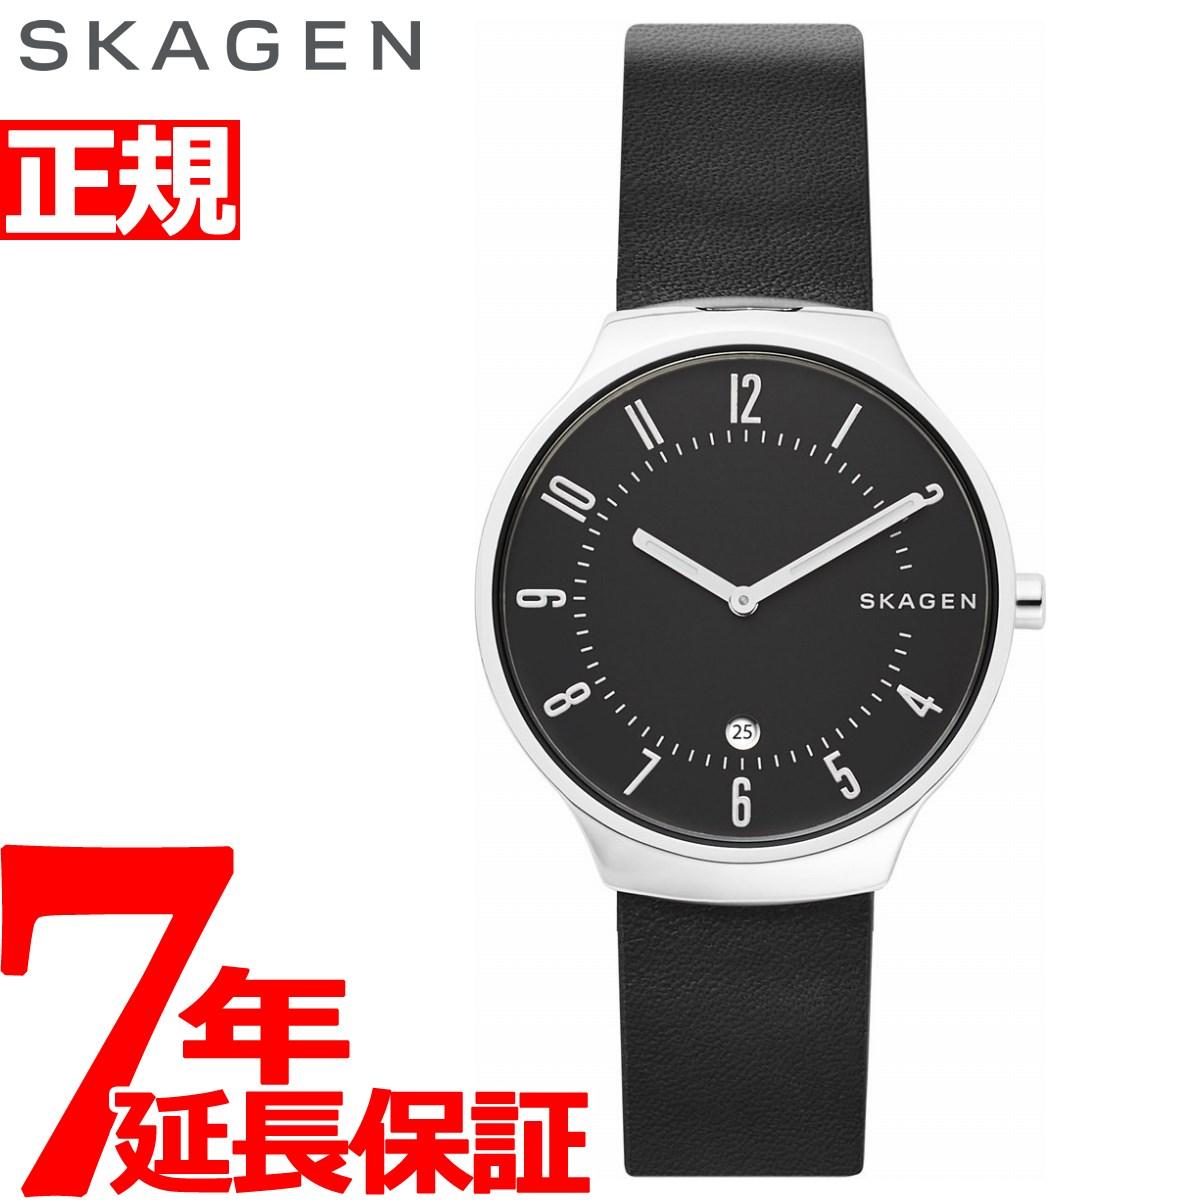 スカーゲン SKAGEN 腕時計 メンズ グレーネン GRENEN SKW6459【2018 新作】